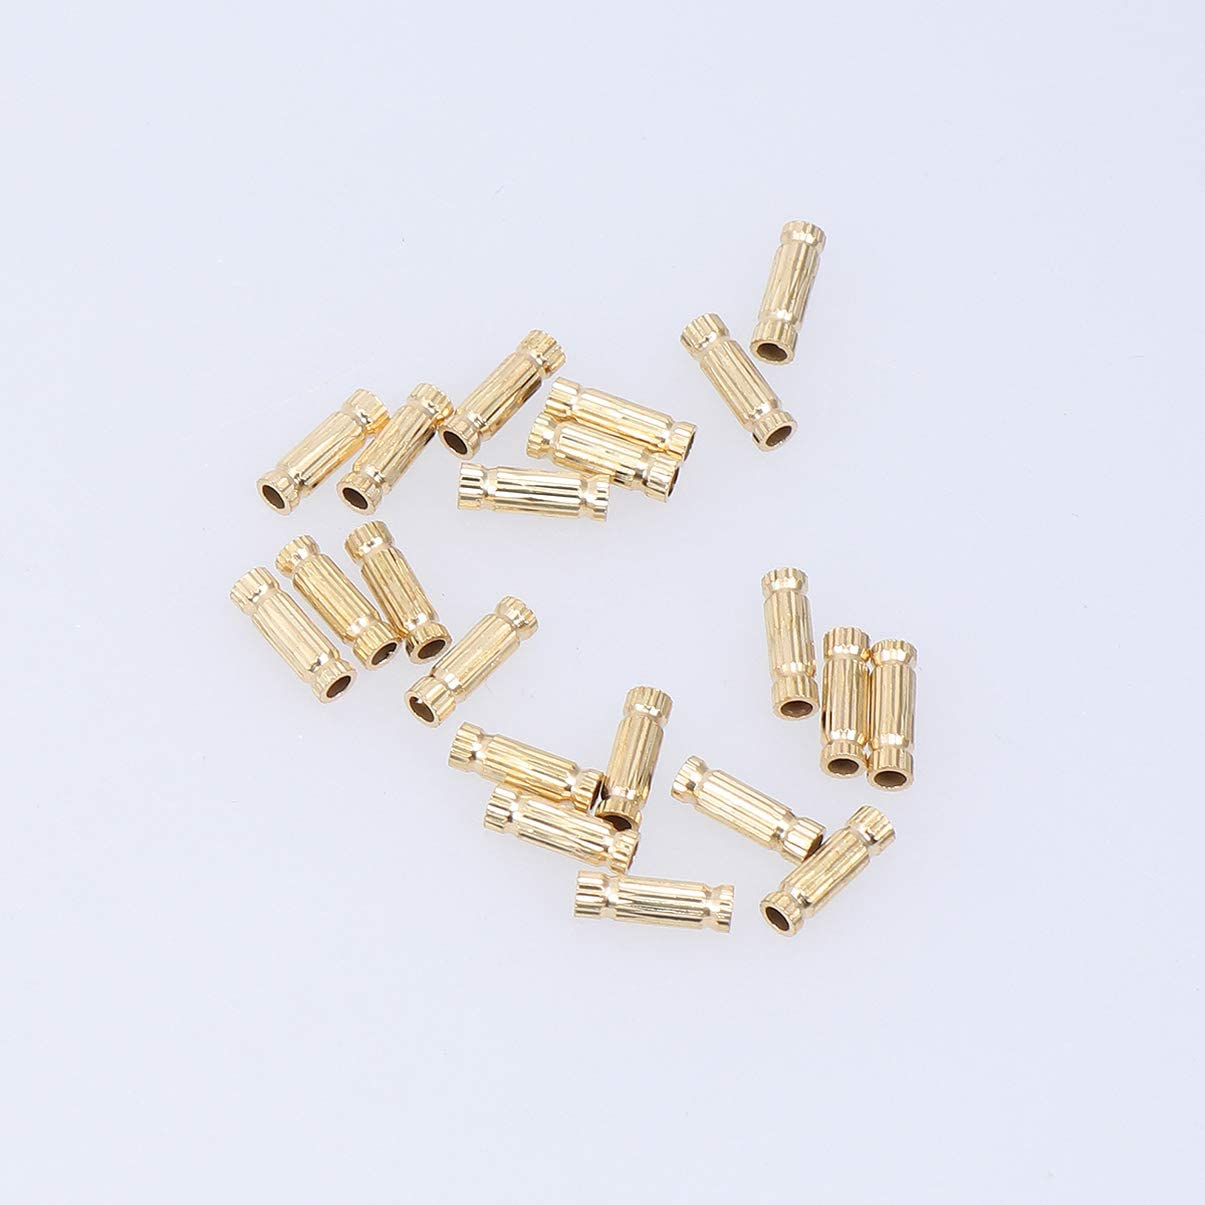 SUPVOX 100 Piezas de Tubo de Metal Cuentas de Cuentas Huecas Conectores Cuentas de Cuentas Sueltas Collar Pulseras Accesorio para Diy Artesan/ía Fabricaci/ón de Joyas